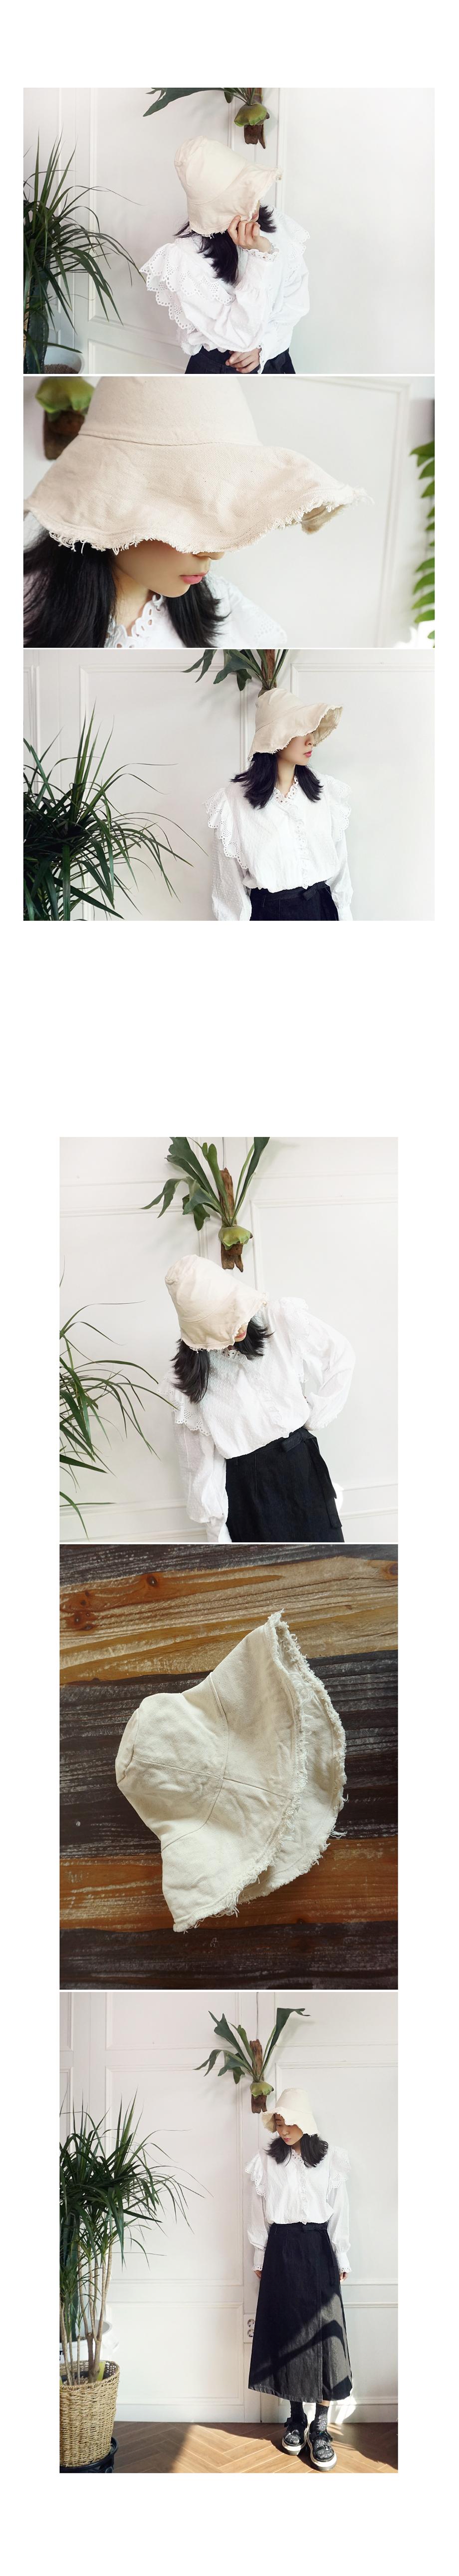 빈티지 헤짐 와이어챙 코튼 벙거지 버킷햇 - 앞머리, 19,500원, 모자, 버킷햇